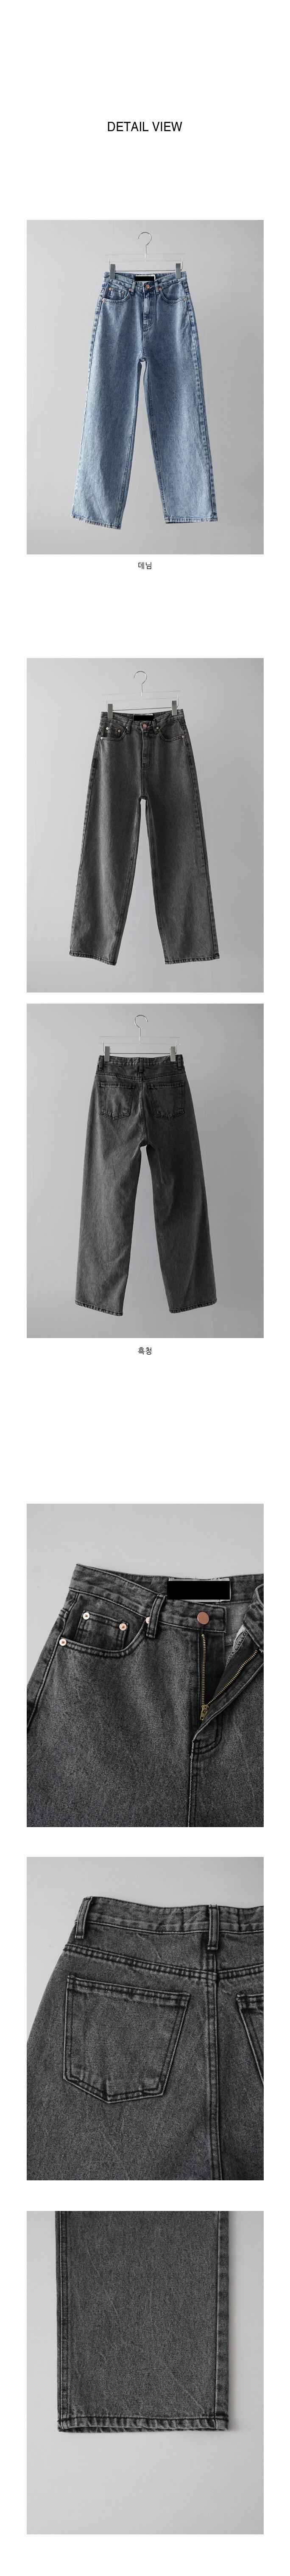 cool washing denim pants